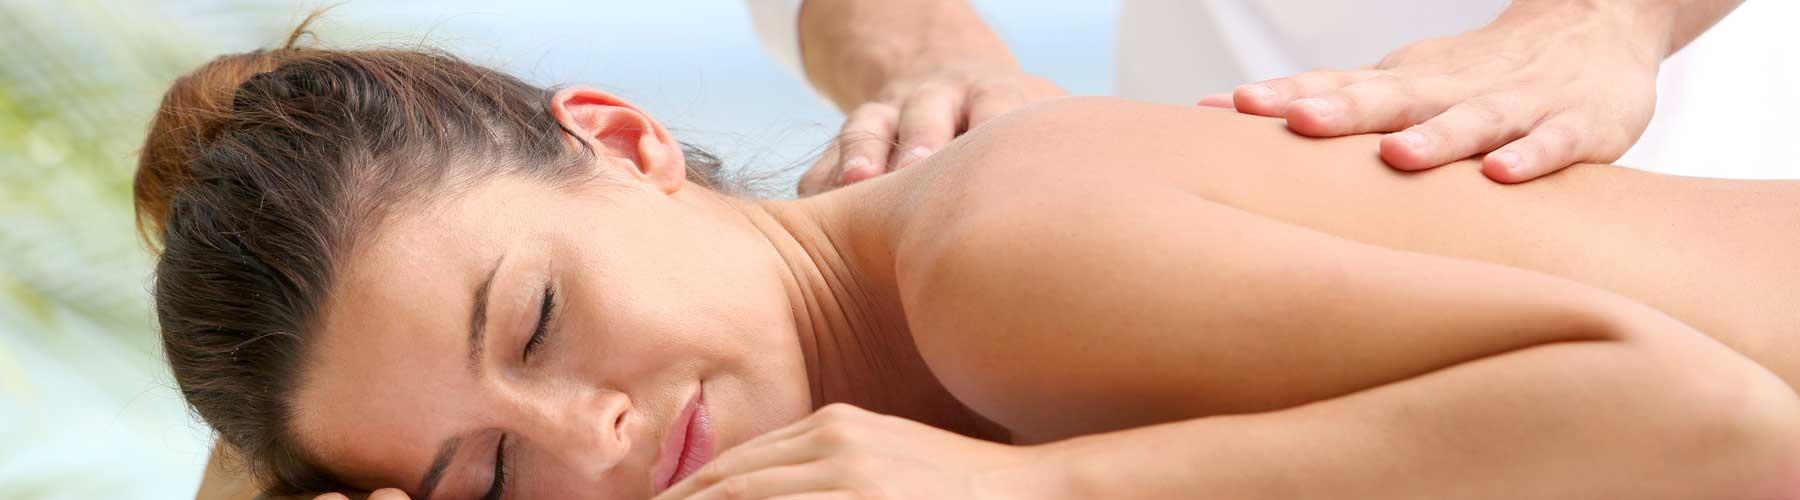 Professionel massageterapi i North Fargo-8366